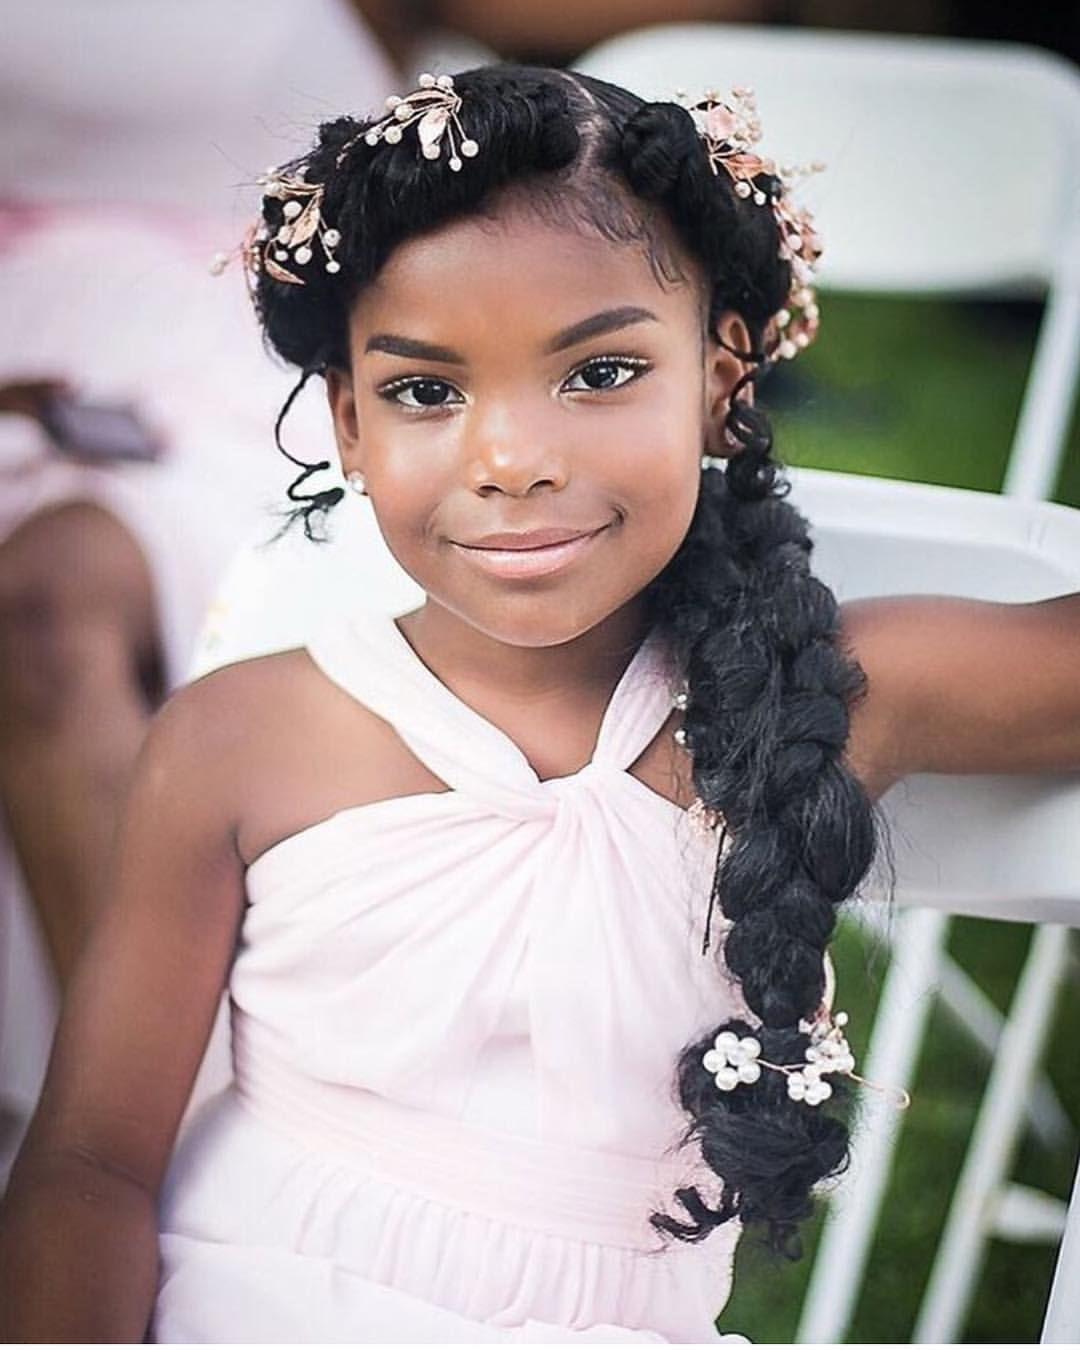 Flower Girl Hairstyles: Flower Girl! @h3rso_cute's #minibridesmaid _